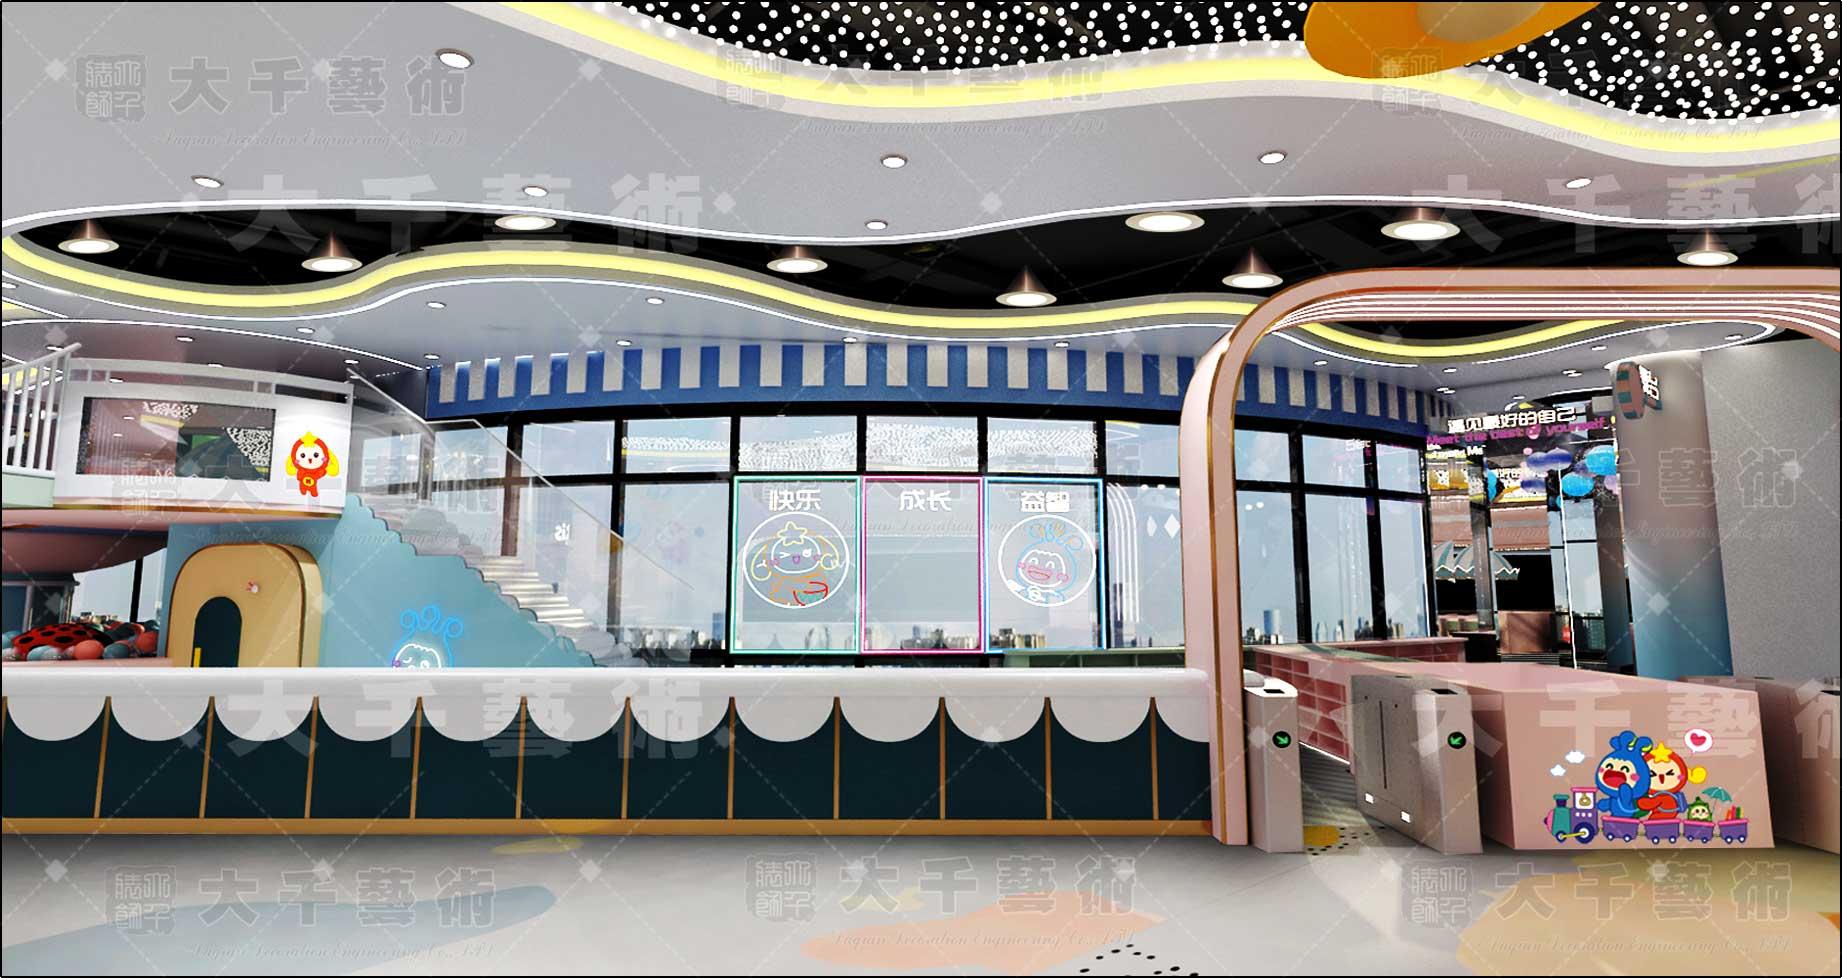 马卡龙主题乐园设计